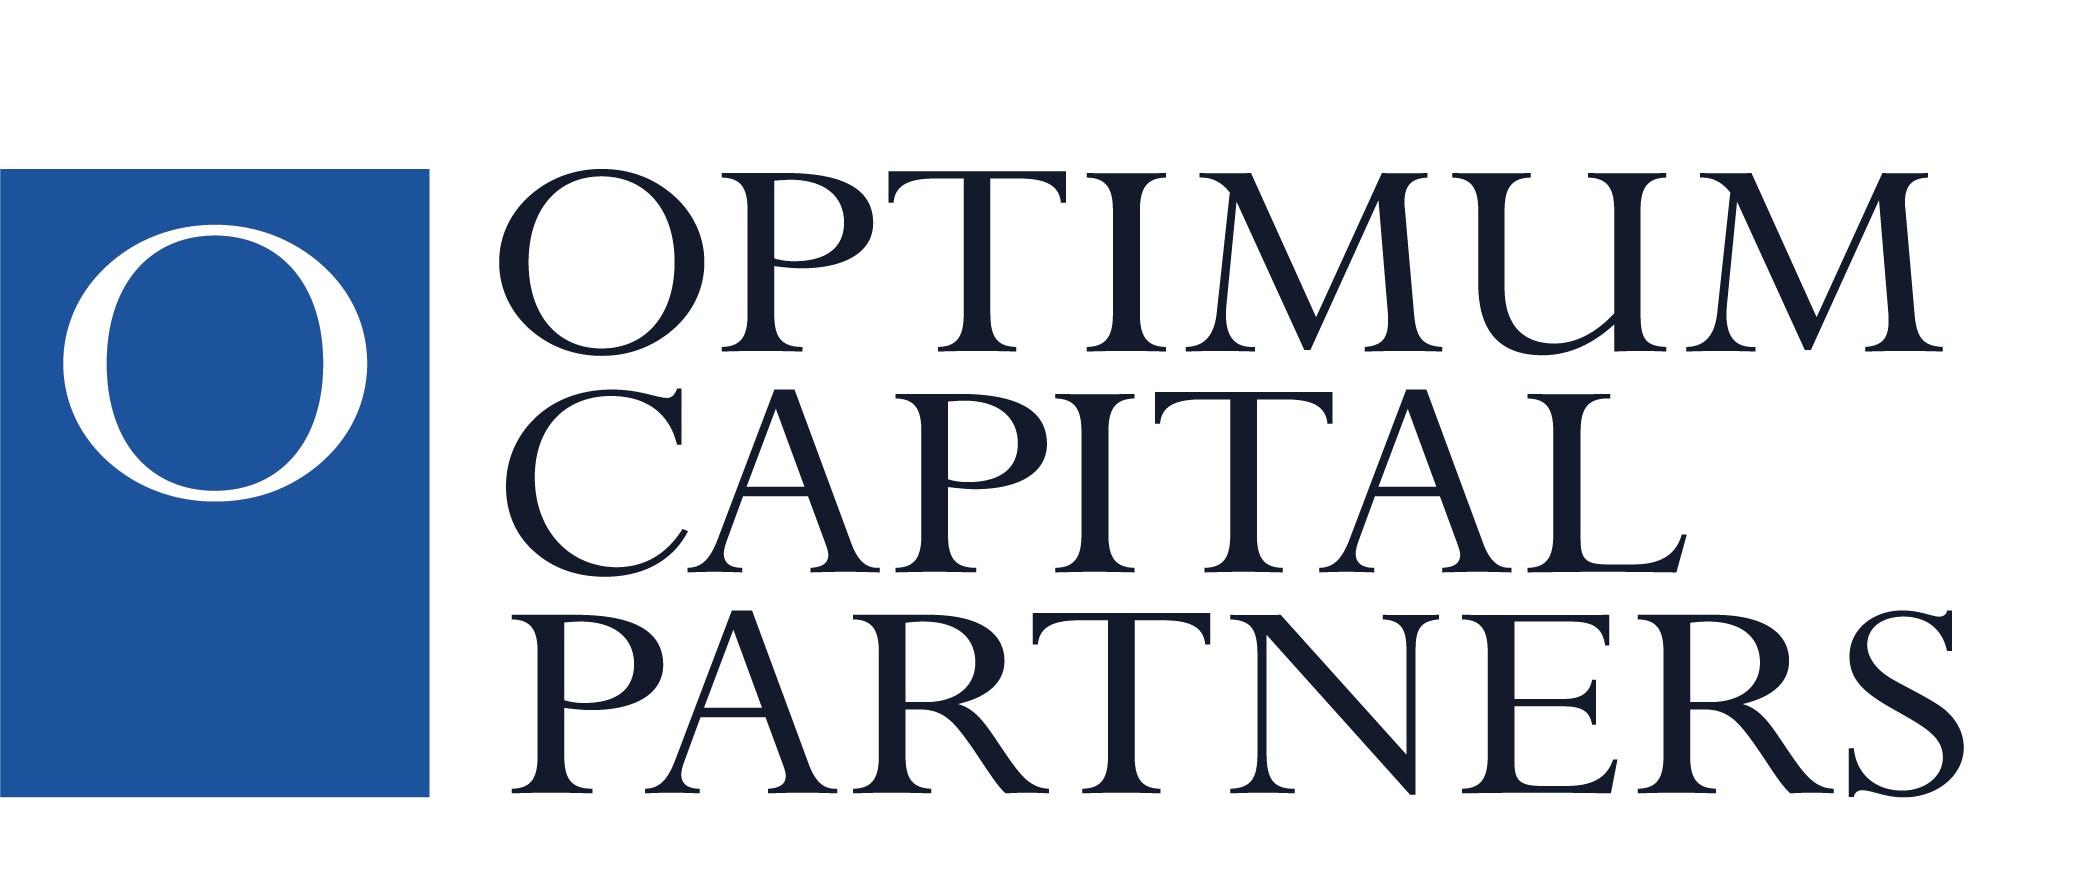 Optimun Capital Partners